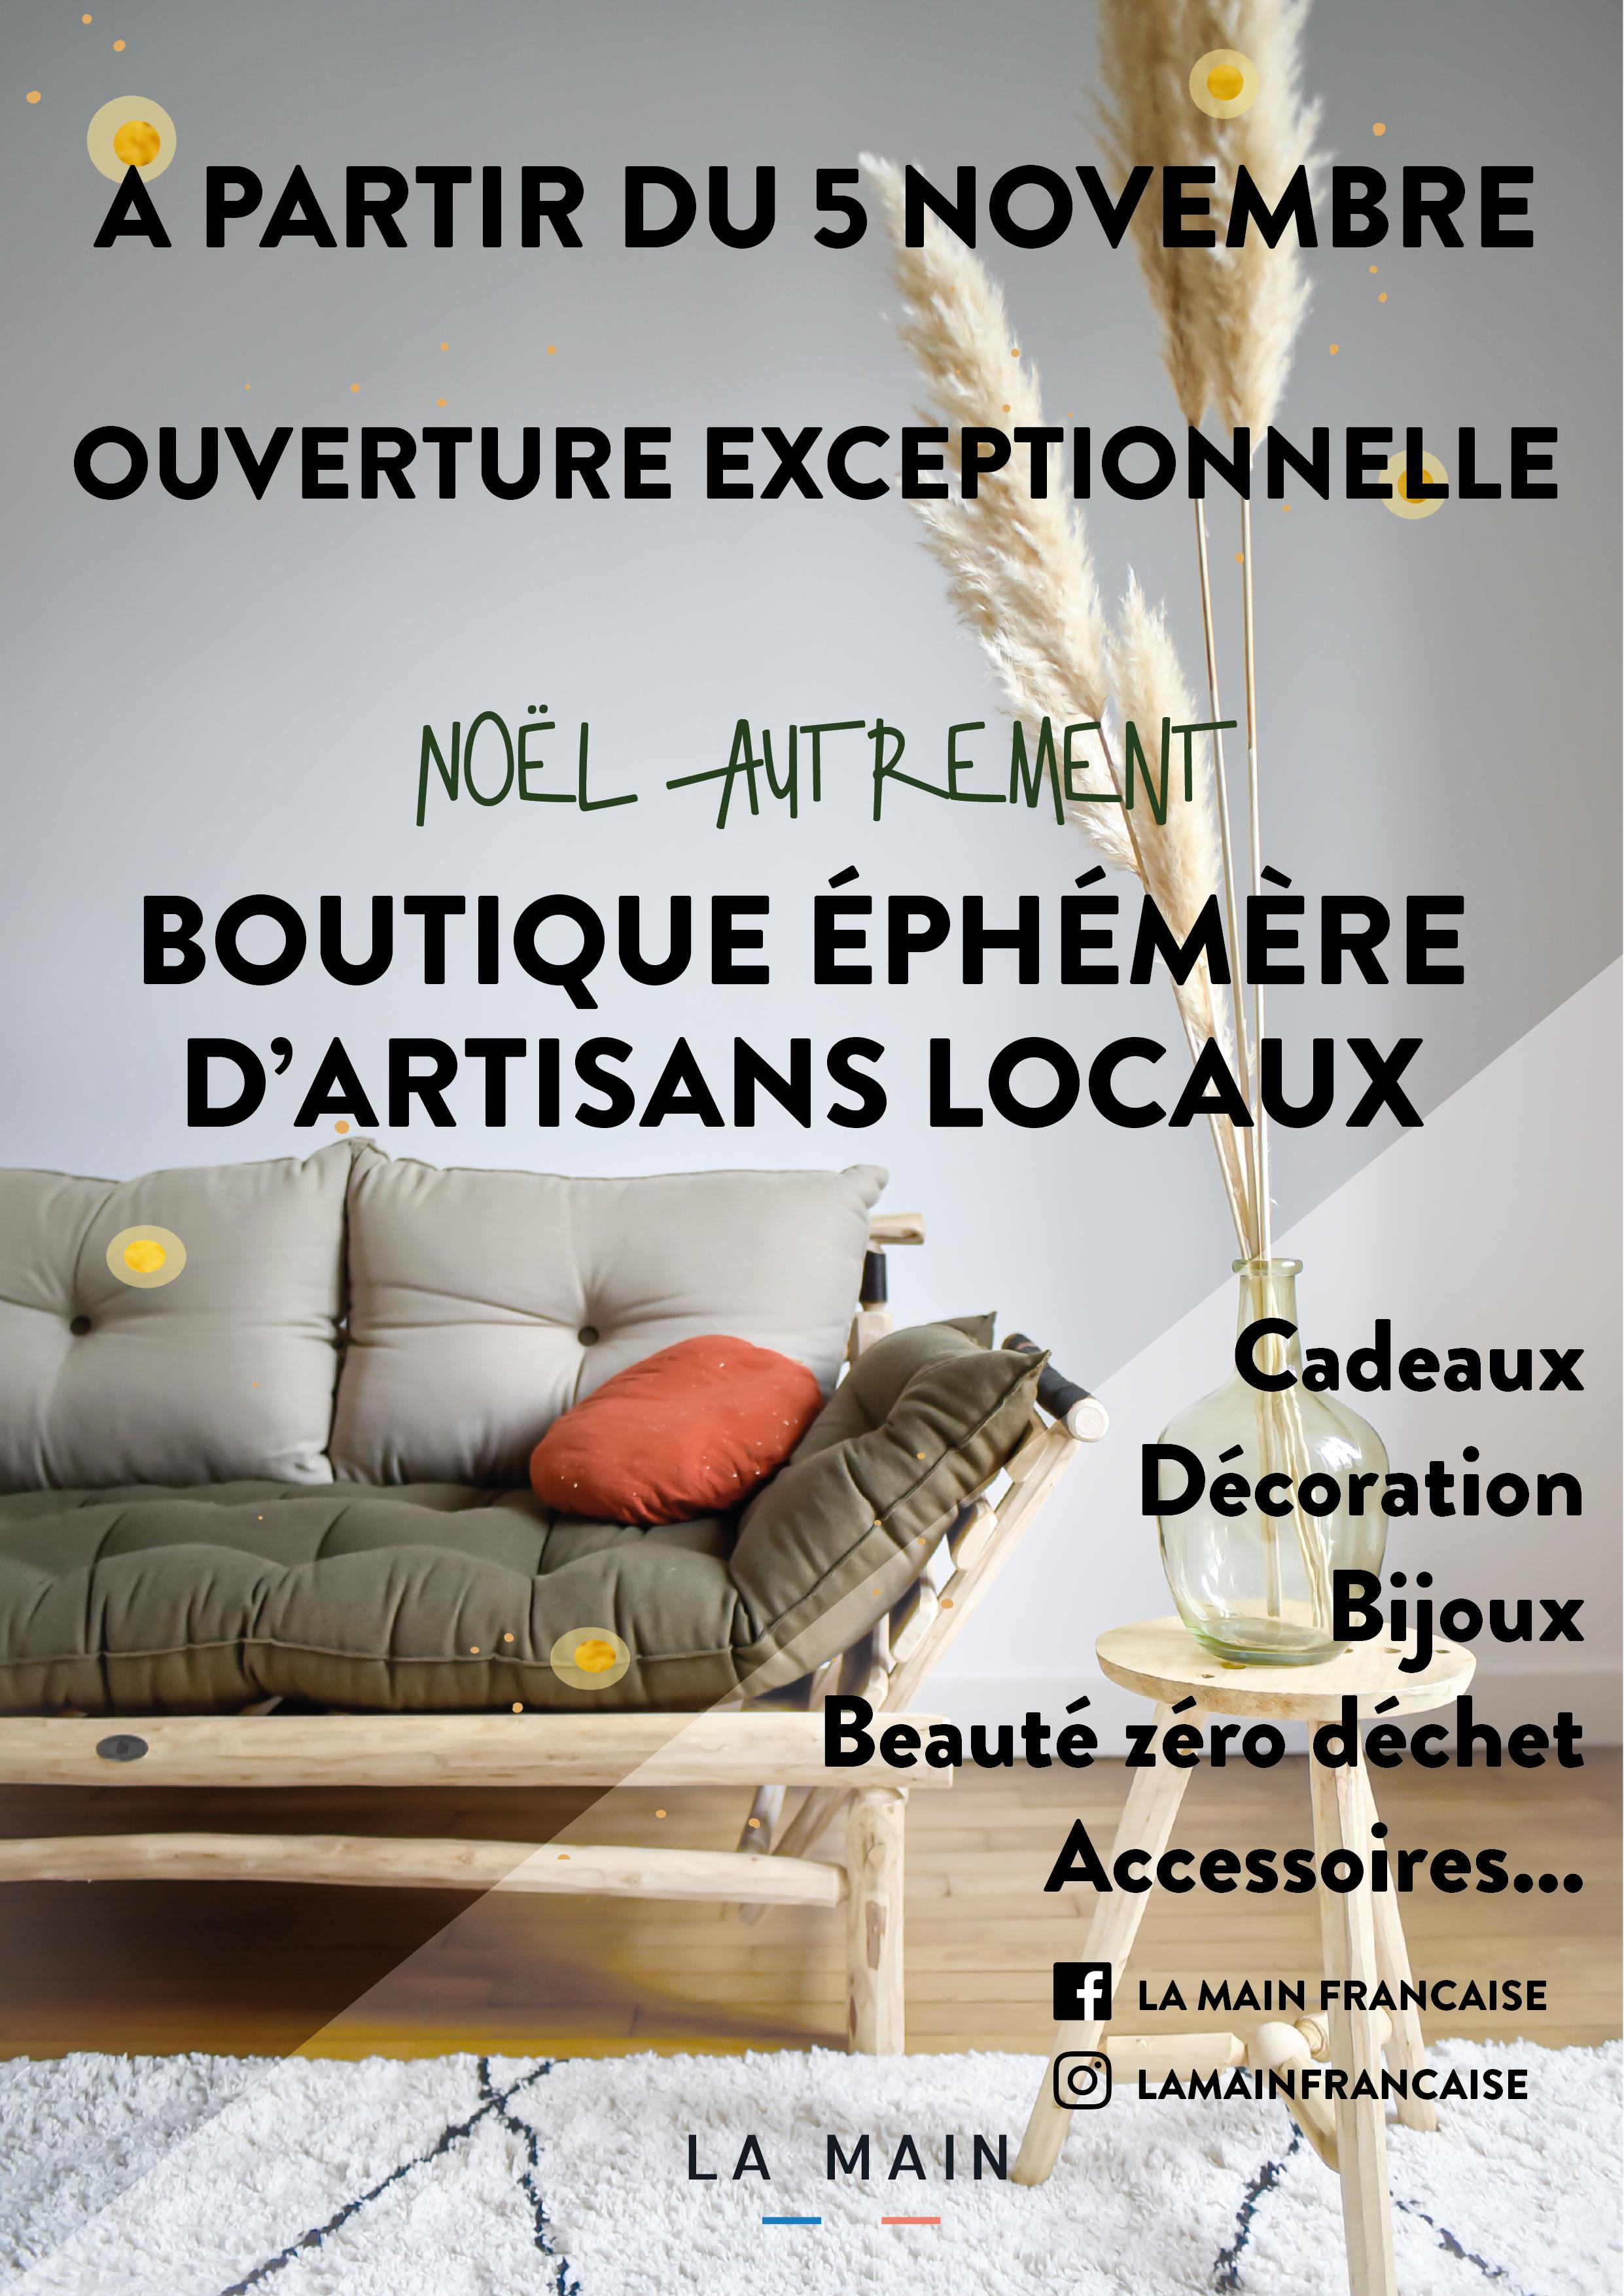 Rendez-vous au 13 rue Lansecot à Limoges à partir du 5 novembre!